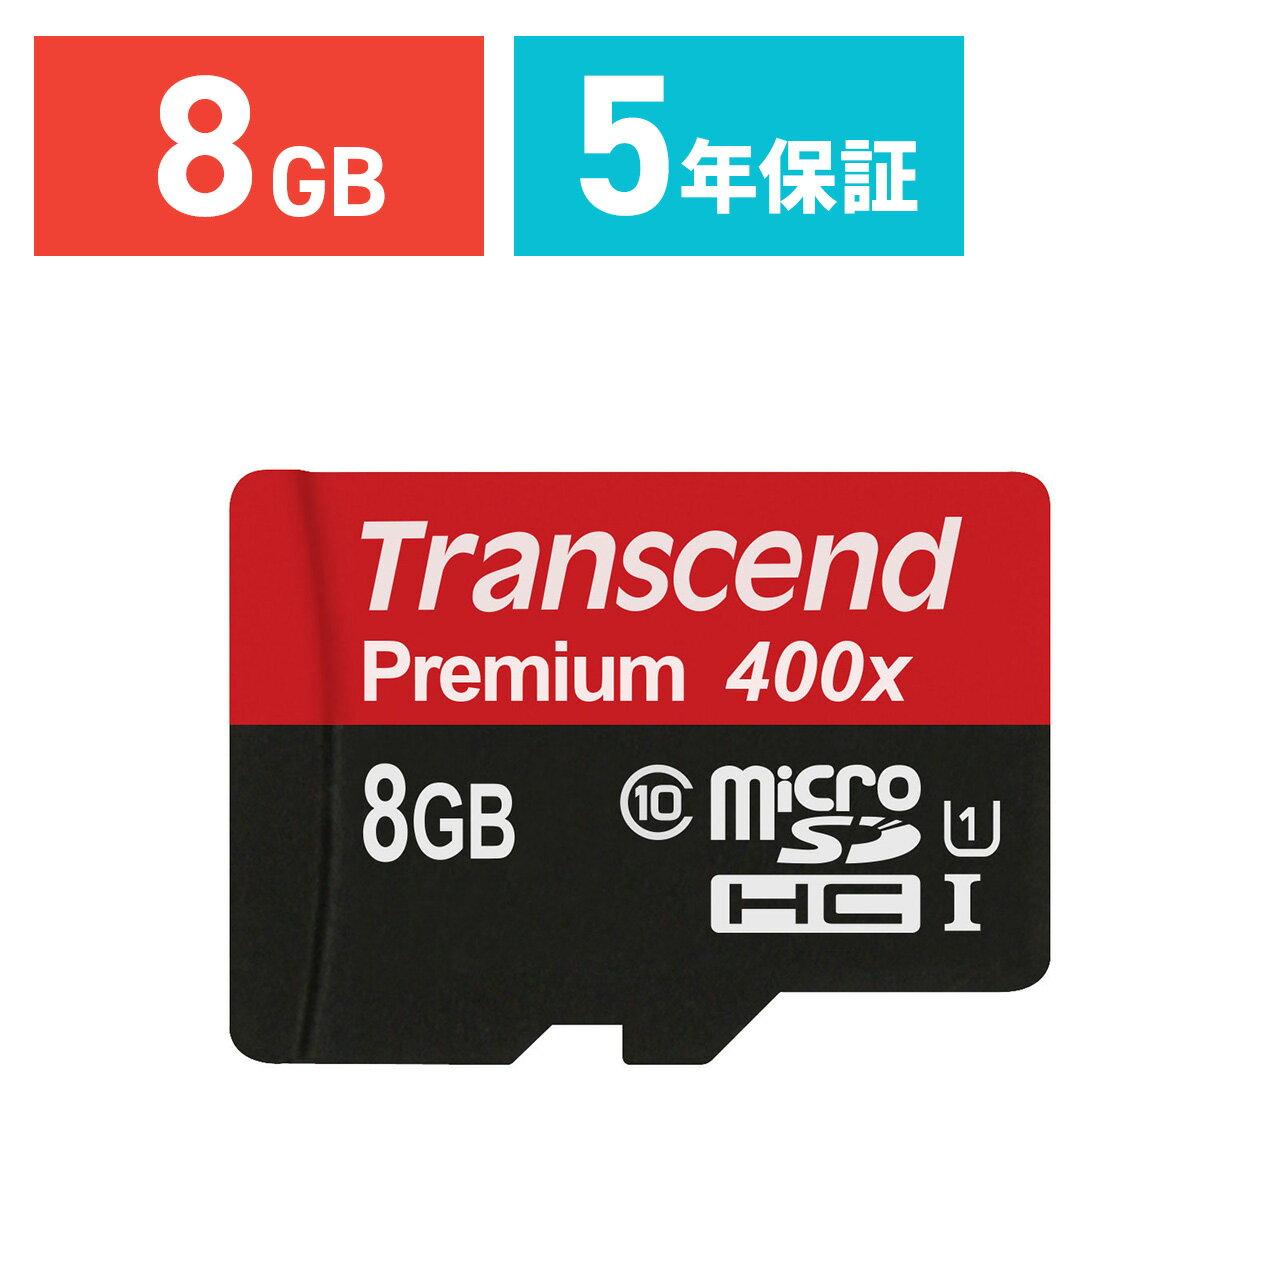 【4月25日値下げしました】Transcend microSDカード 8GB Class10 UHS-I 5年保証 マイクロSD microSDHC 最大転送速度60MB/s クラス10 スマホ 入学 卒業[TS8GUSDCU1]【ネコポス対応】【楽天BOX受取対象商品】